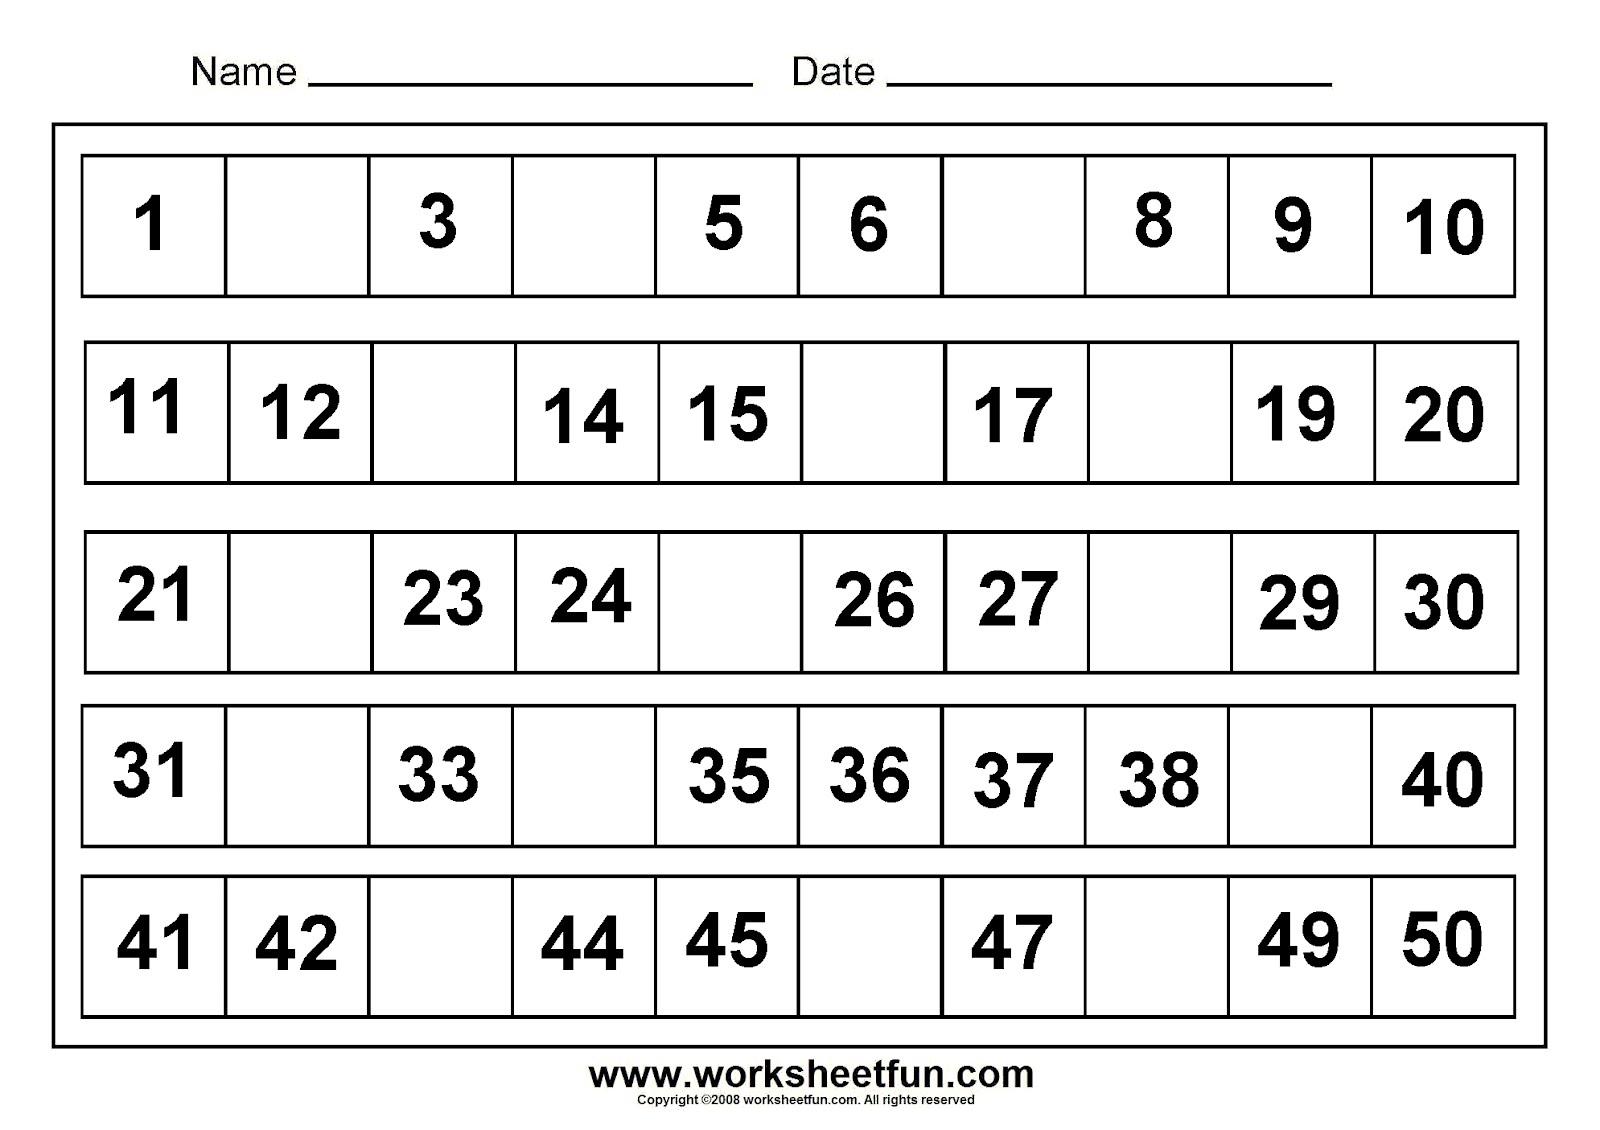 Free Worksheet For Kindergarten Worksheets For All